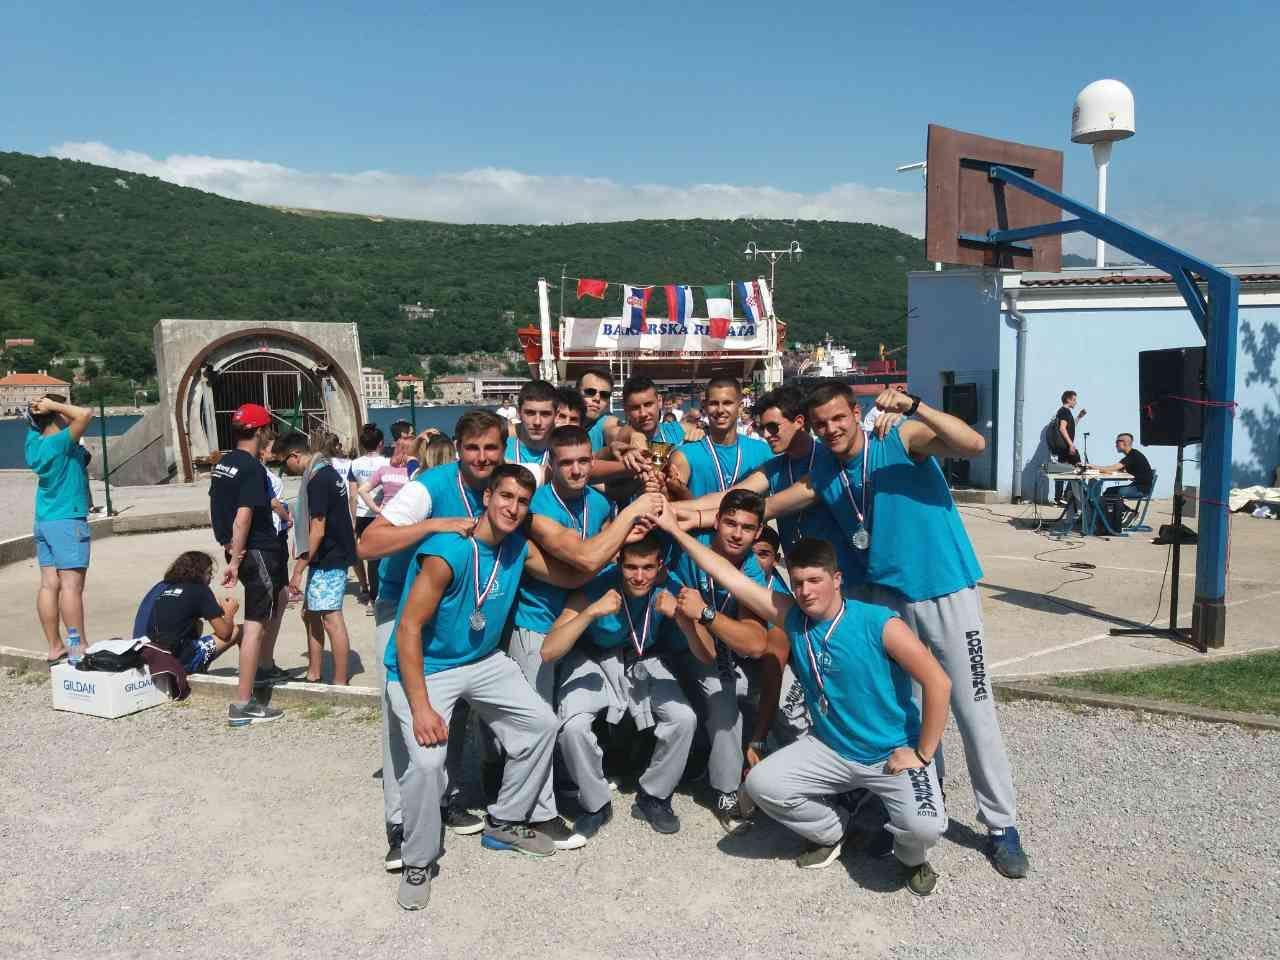 Srebro na medjunarodnoj veslackoj regati, maj 2018 (19)